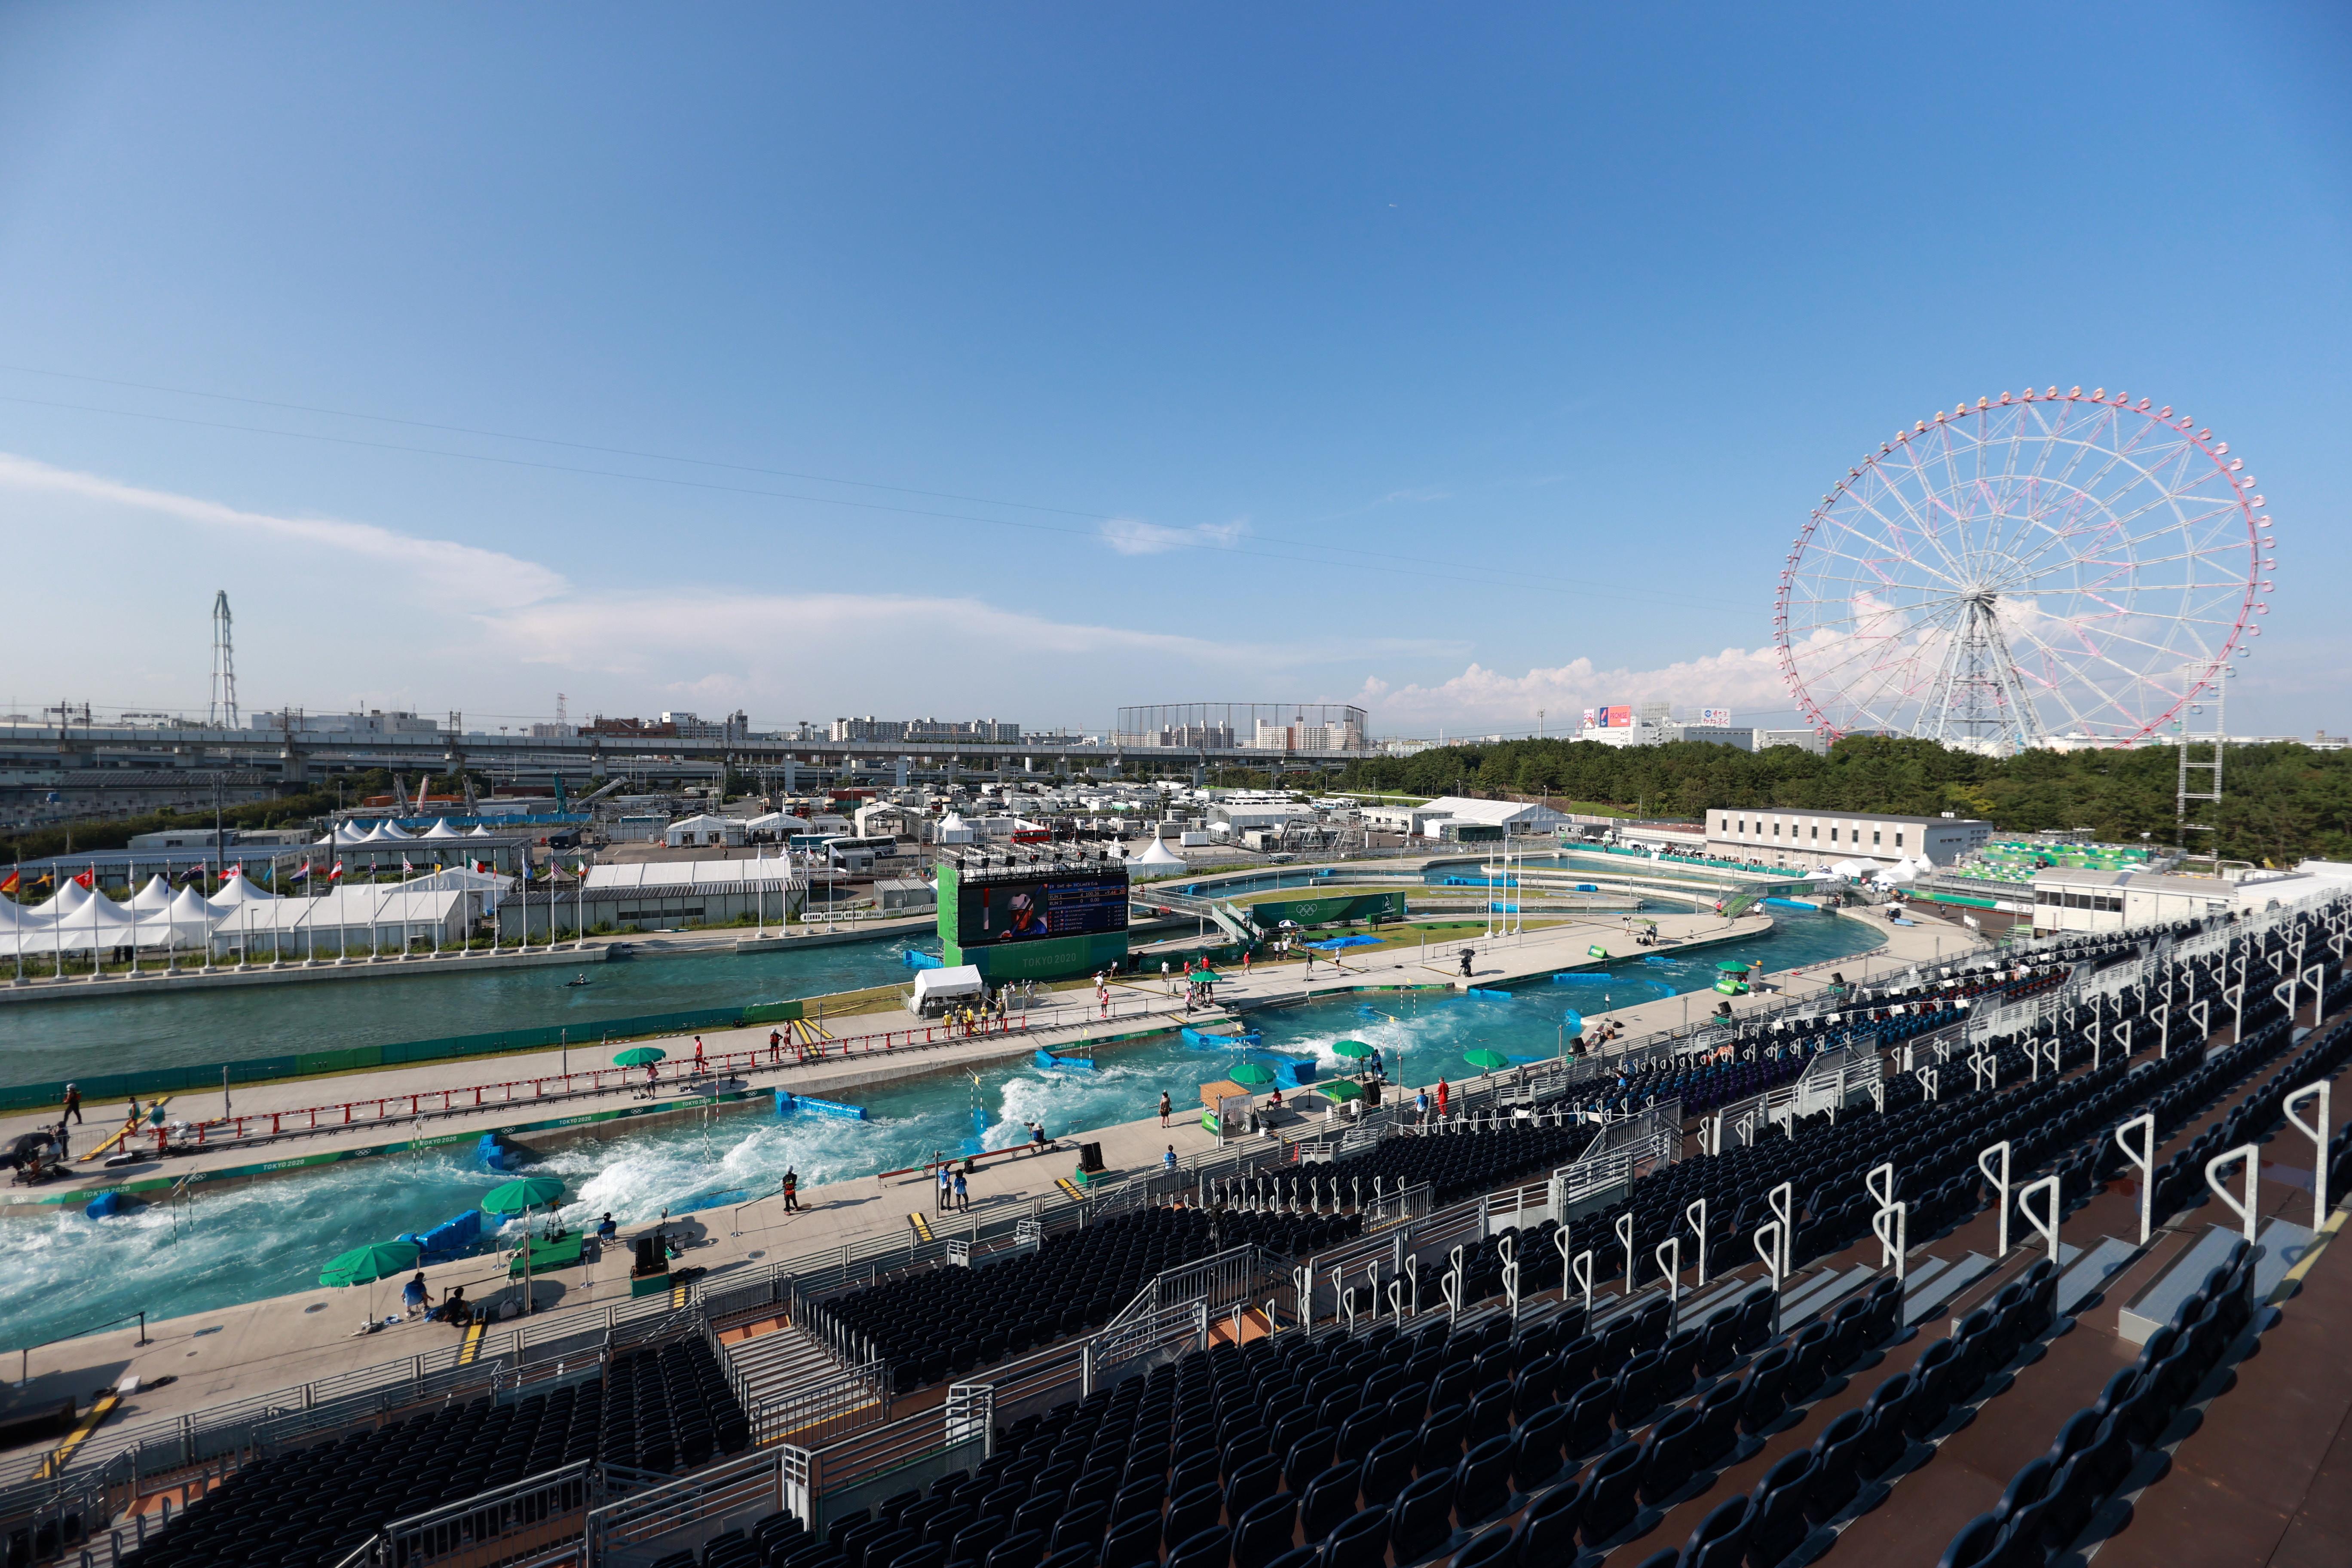 Tokyo 2020 Olympics - Canoe Slalom - Men's K1 - Heats - Kasai Canoe Slalom Centre, Tokyo, Japan - July 28, 2021. General view of Kasai Canoe Slalom Centre REUTERS/Yara Nardi - SP1EH7S0K96O1